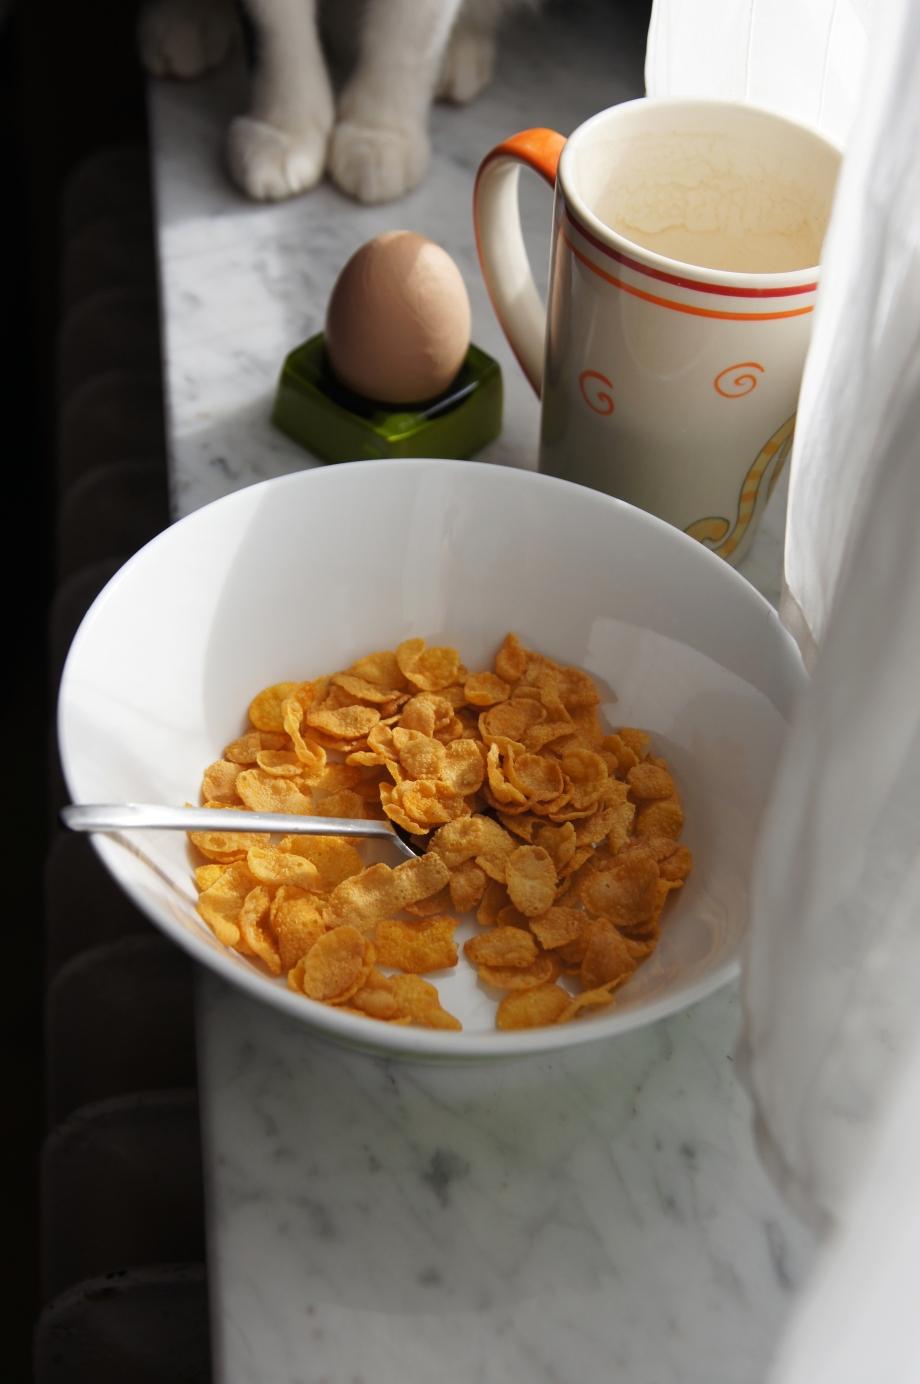 fresh, tatsty breakfast